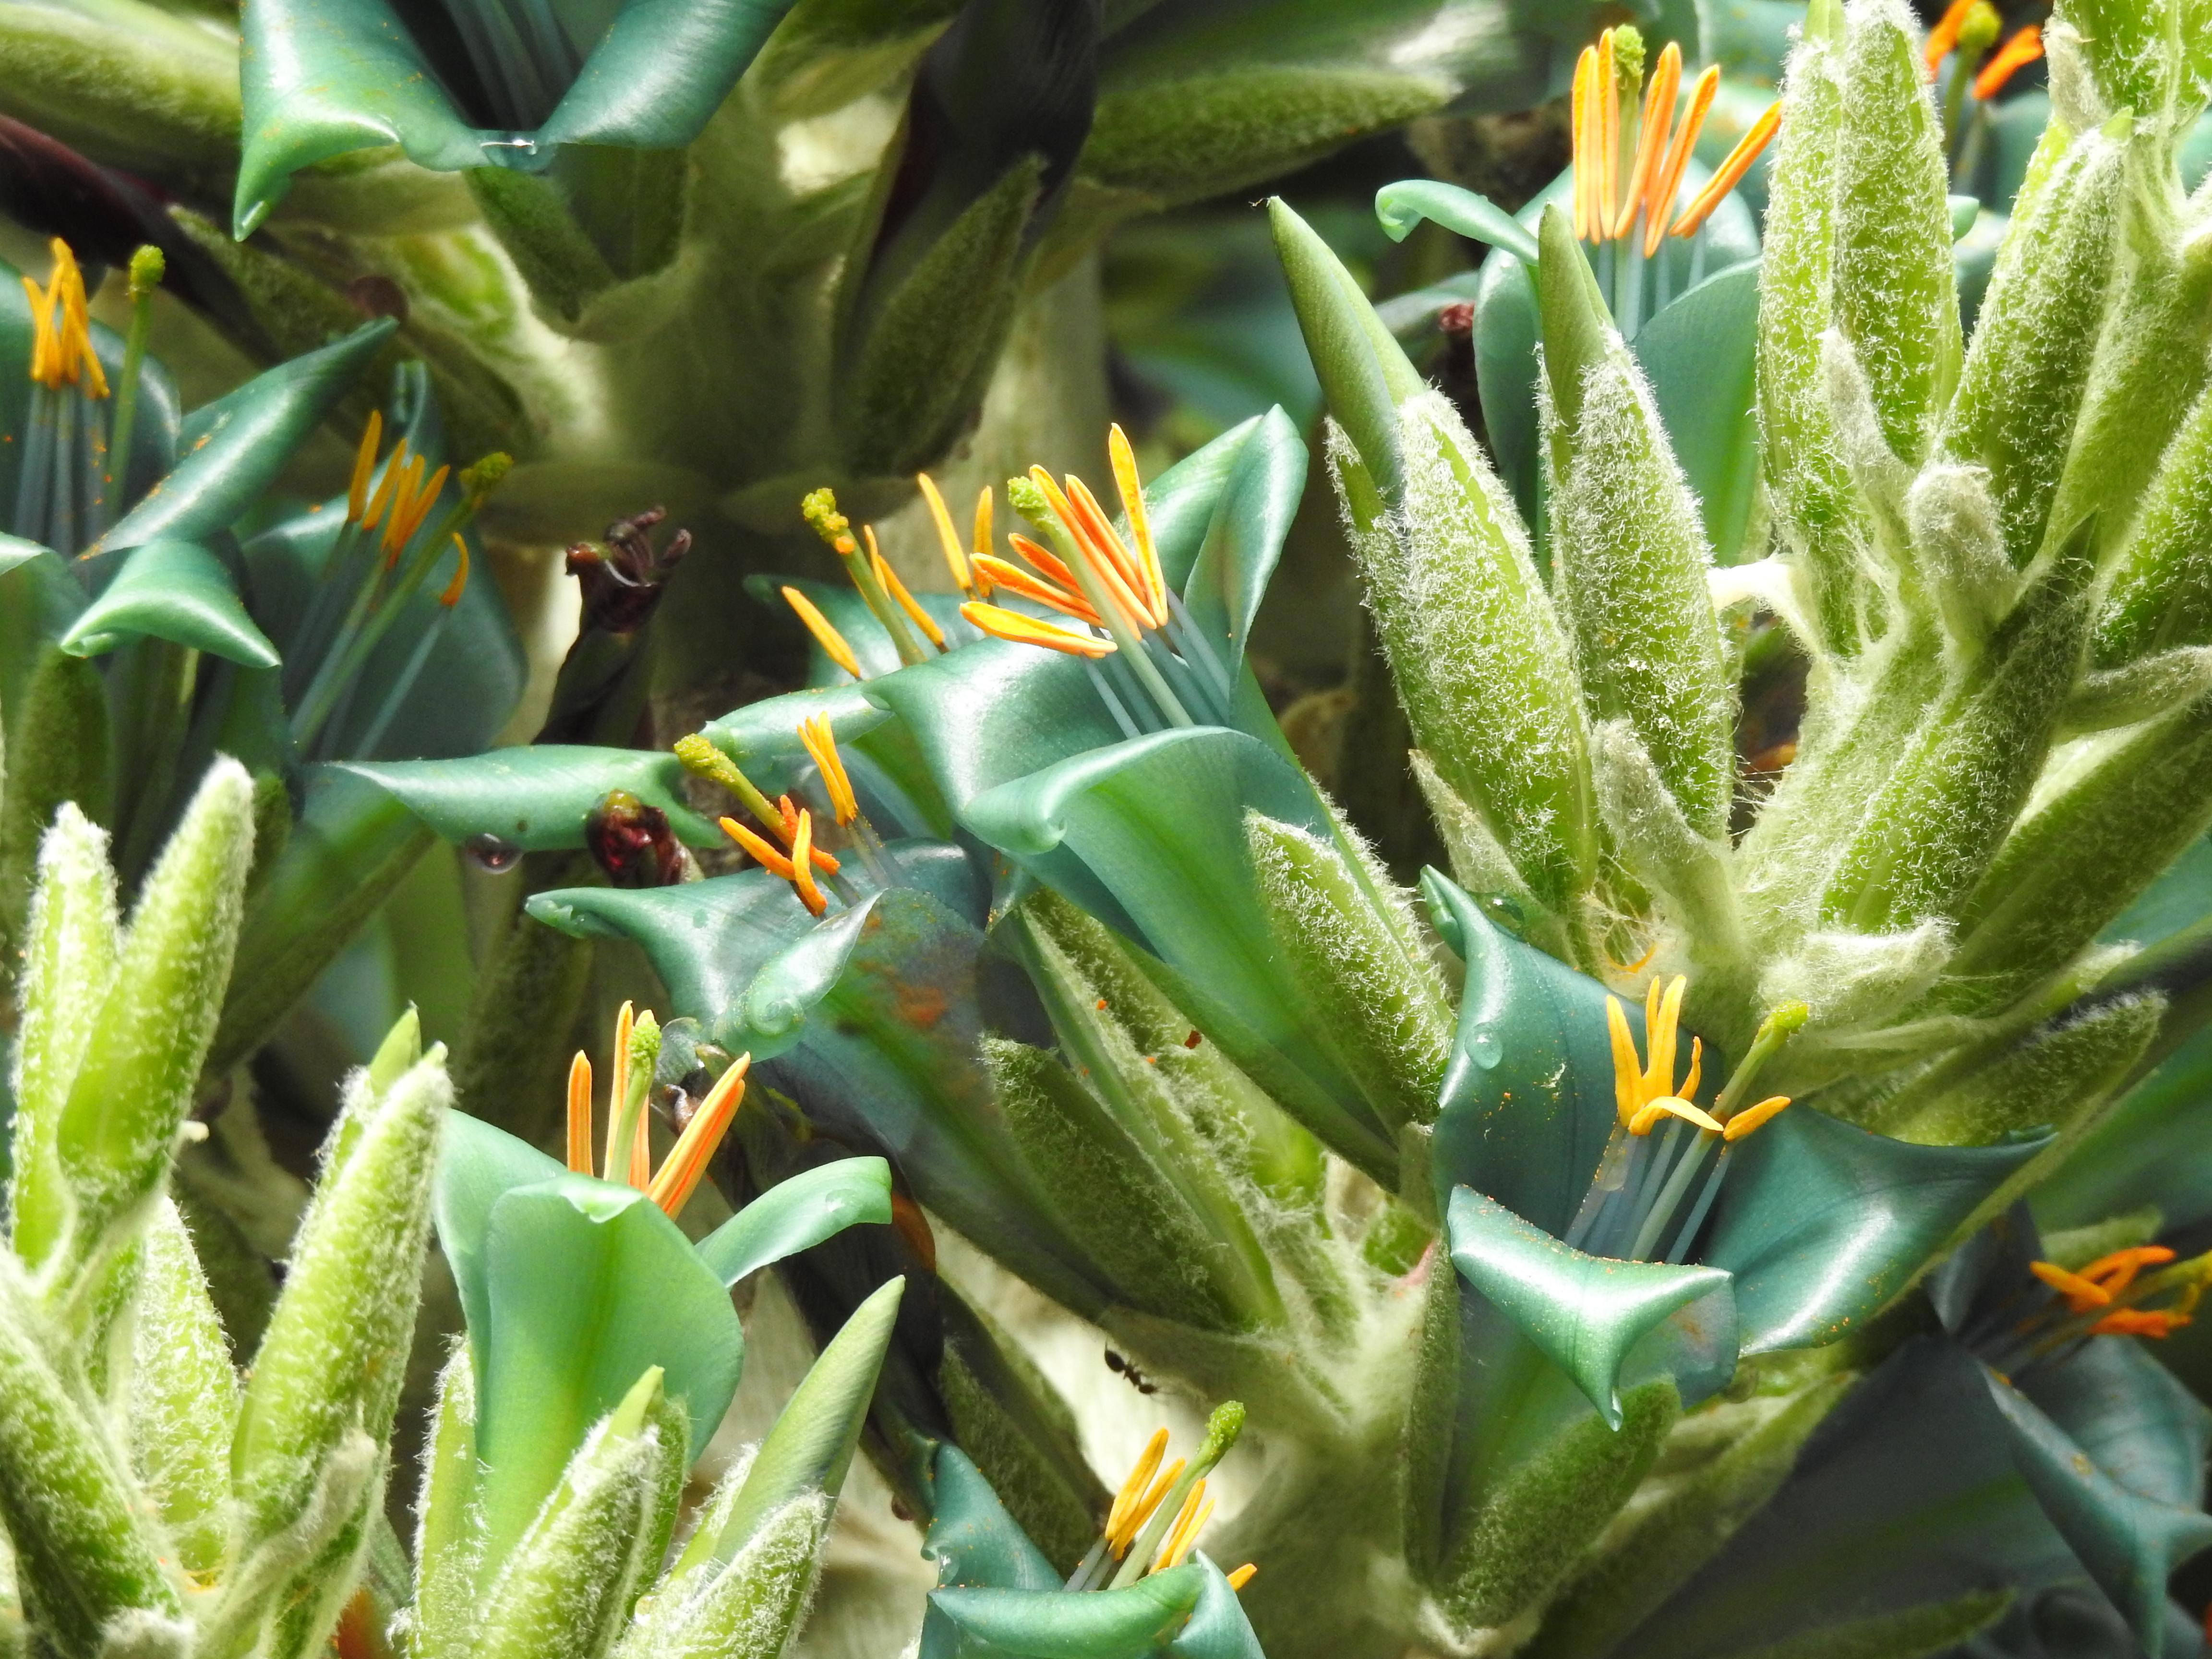 El Jardín Botánico asiste a la espectacular floración de la puya chilena y la kigelia africana